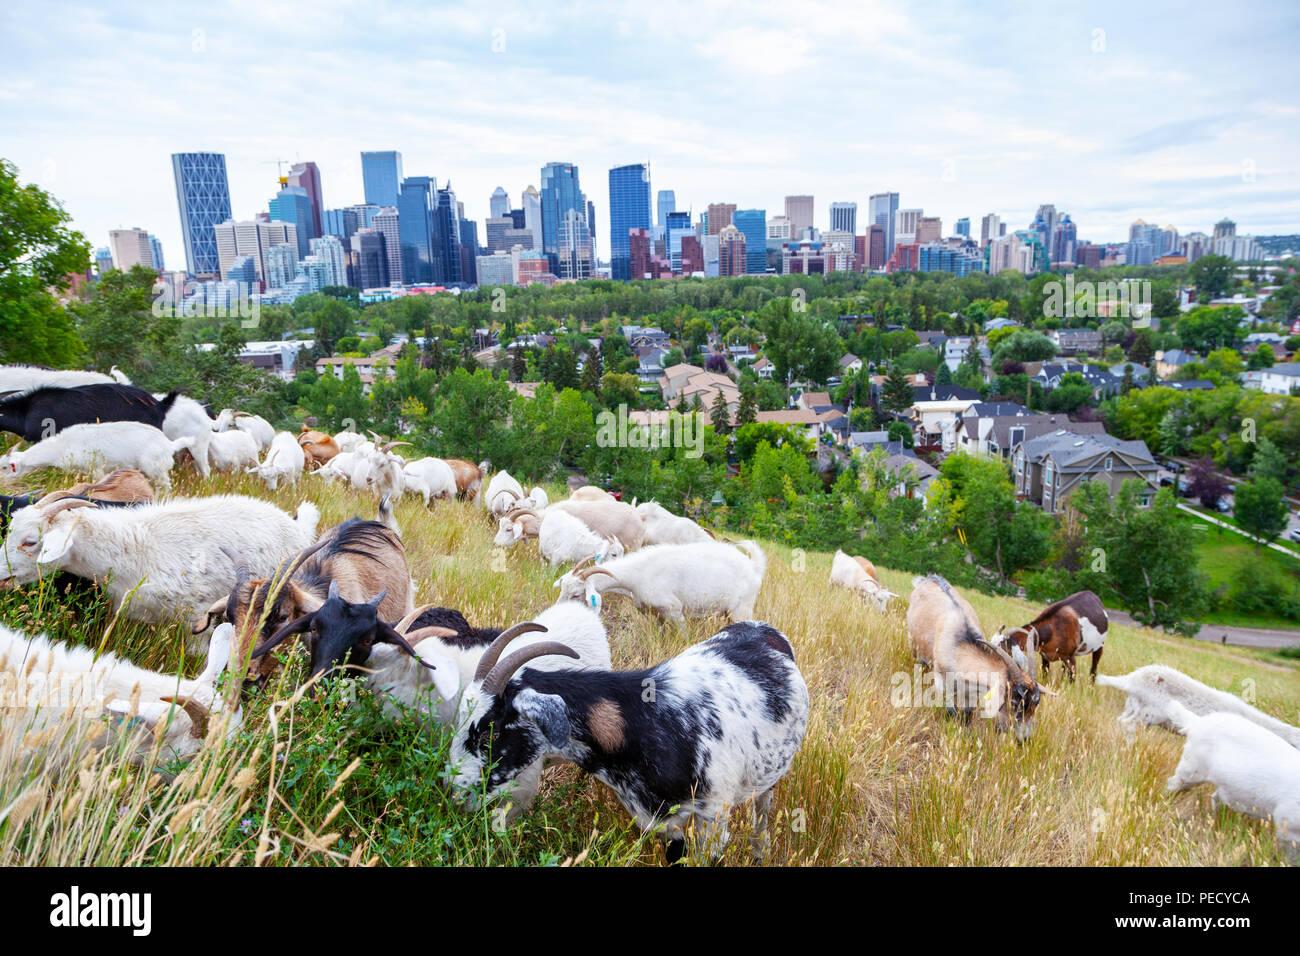 Caprini mangiare erbe infestanti in un parco di Calgary come parte della città destinate al pascolo per pianta invasiva specie infestanti utilizzando gestione ospitale nei confronti dei dal punto di vista ambientale Immagini Stock